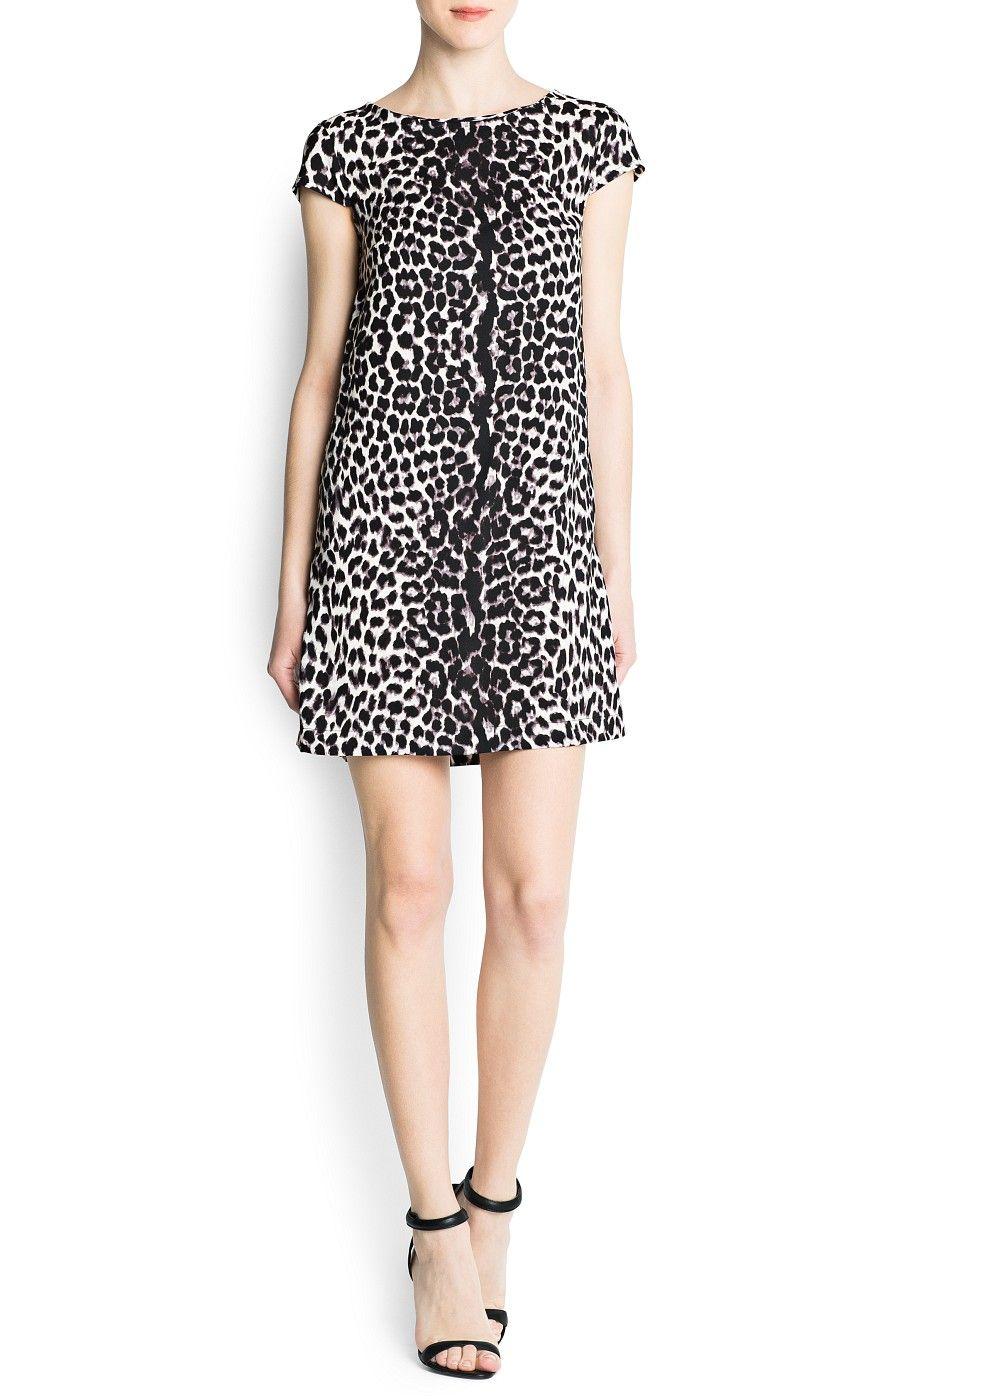 e1c1fafcd068 Vestido estampado leopardo - Mujer | Tendencias | Vestido estampado ...